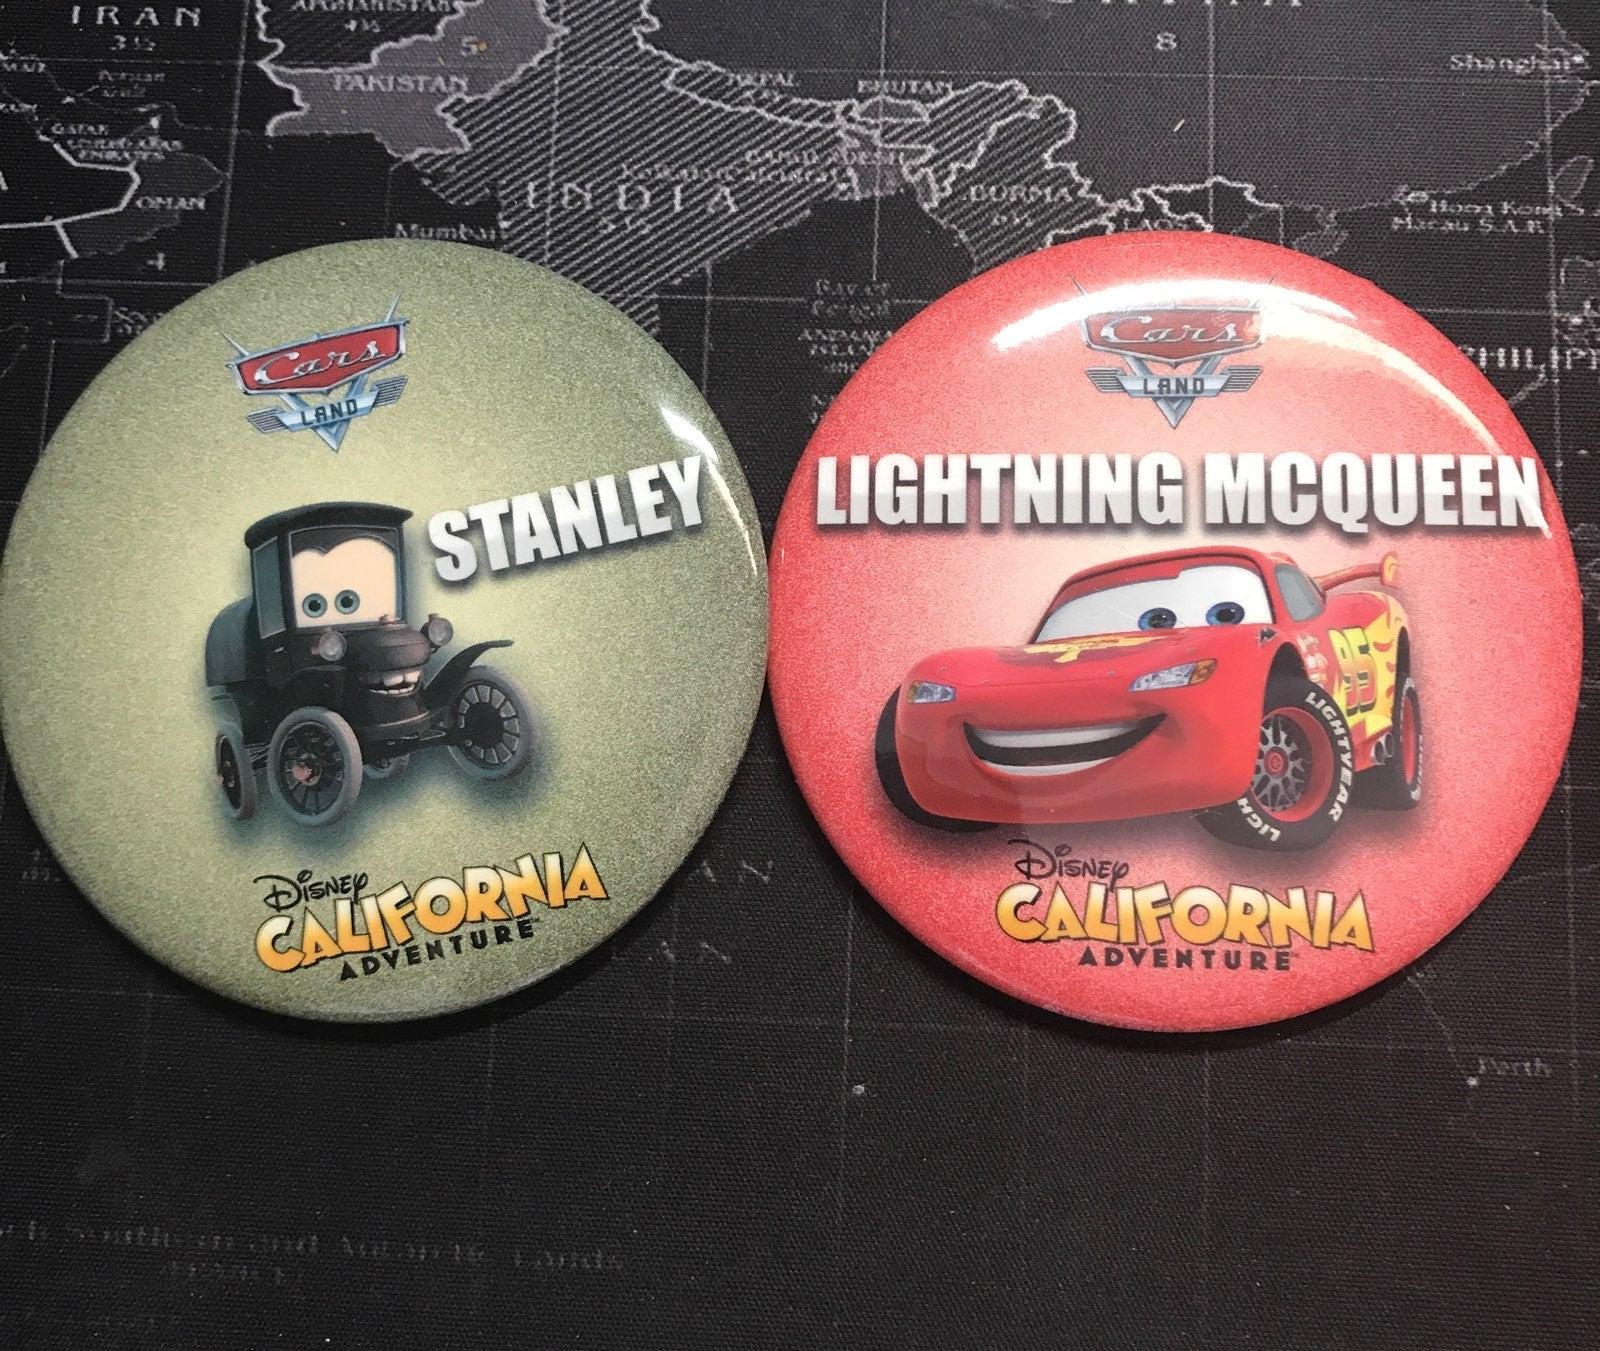 Disney california adventure badges